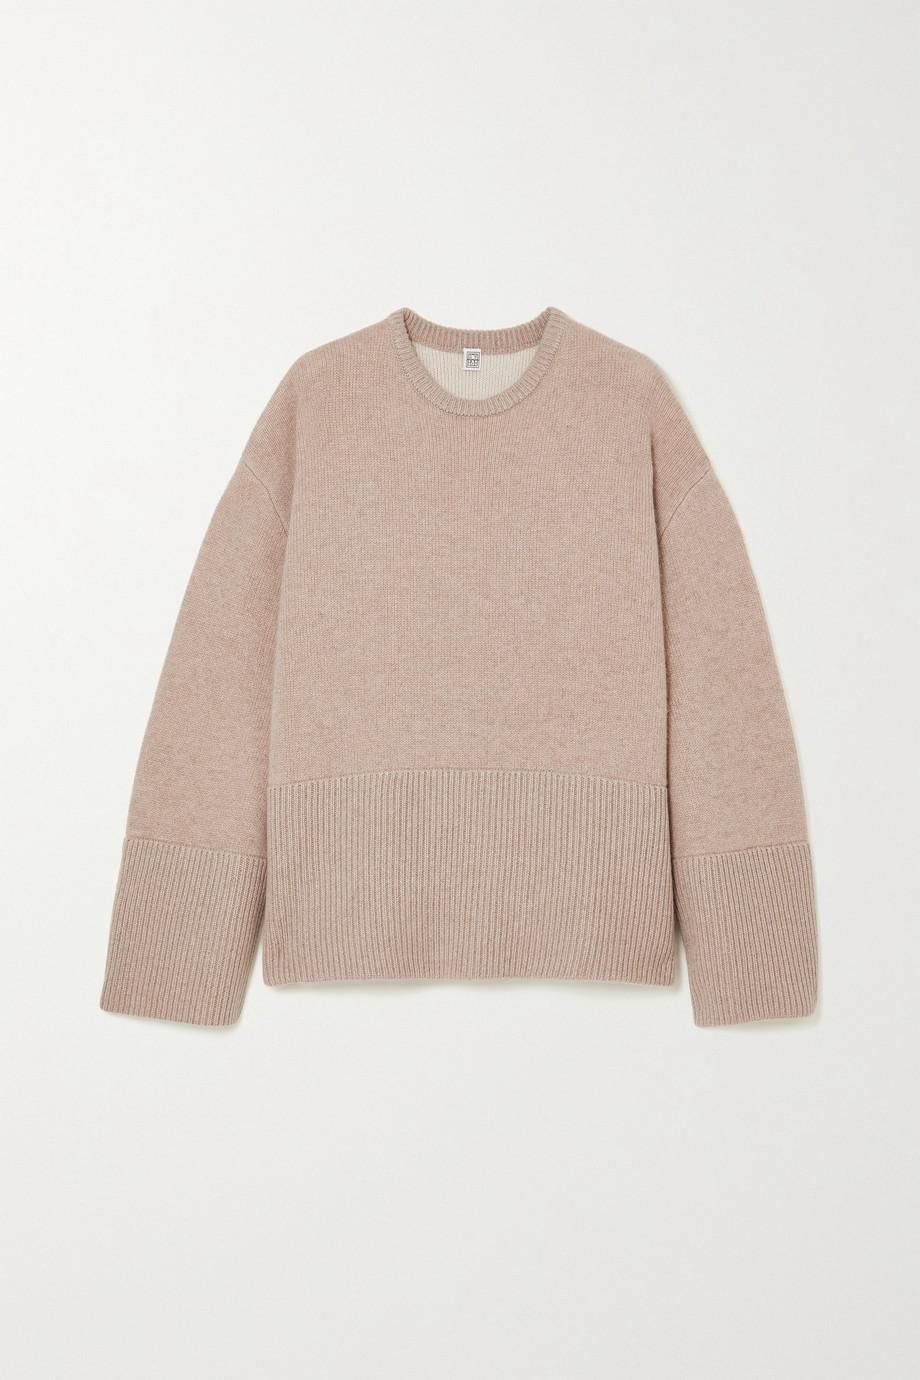 Totême Oversized cashmere sweater